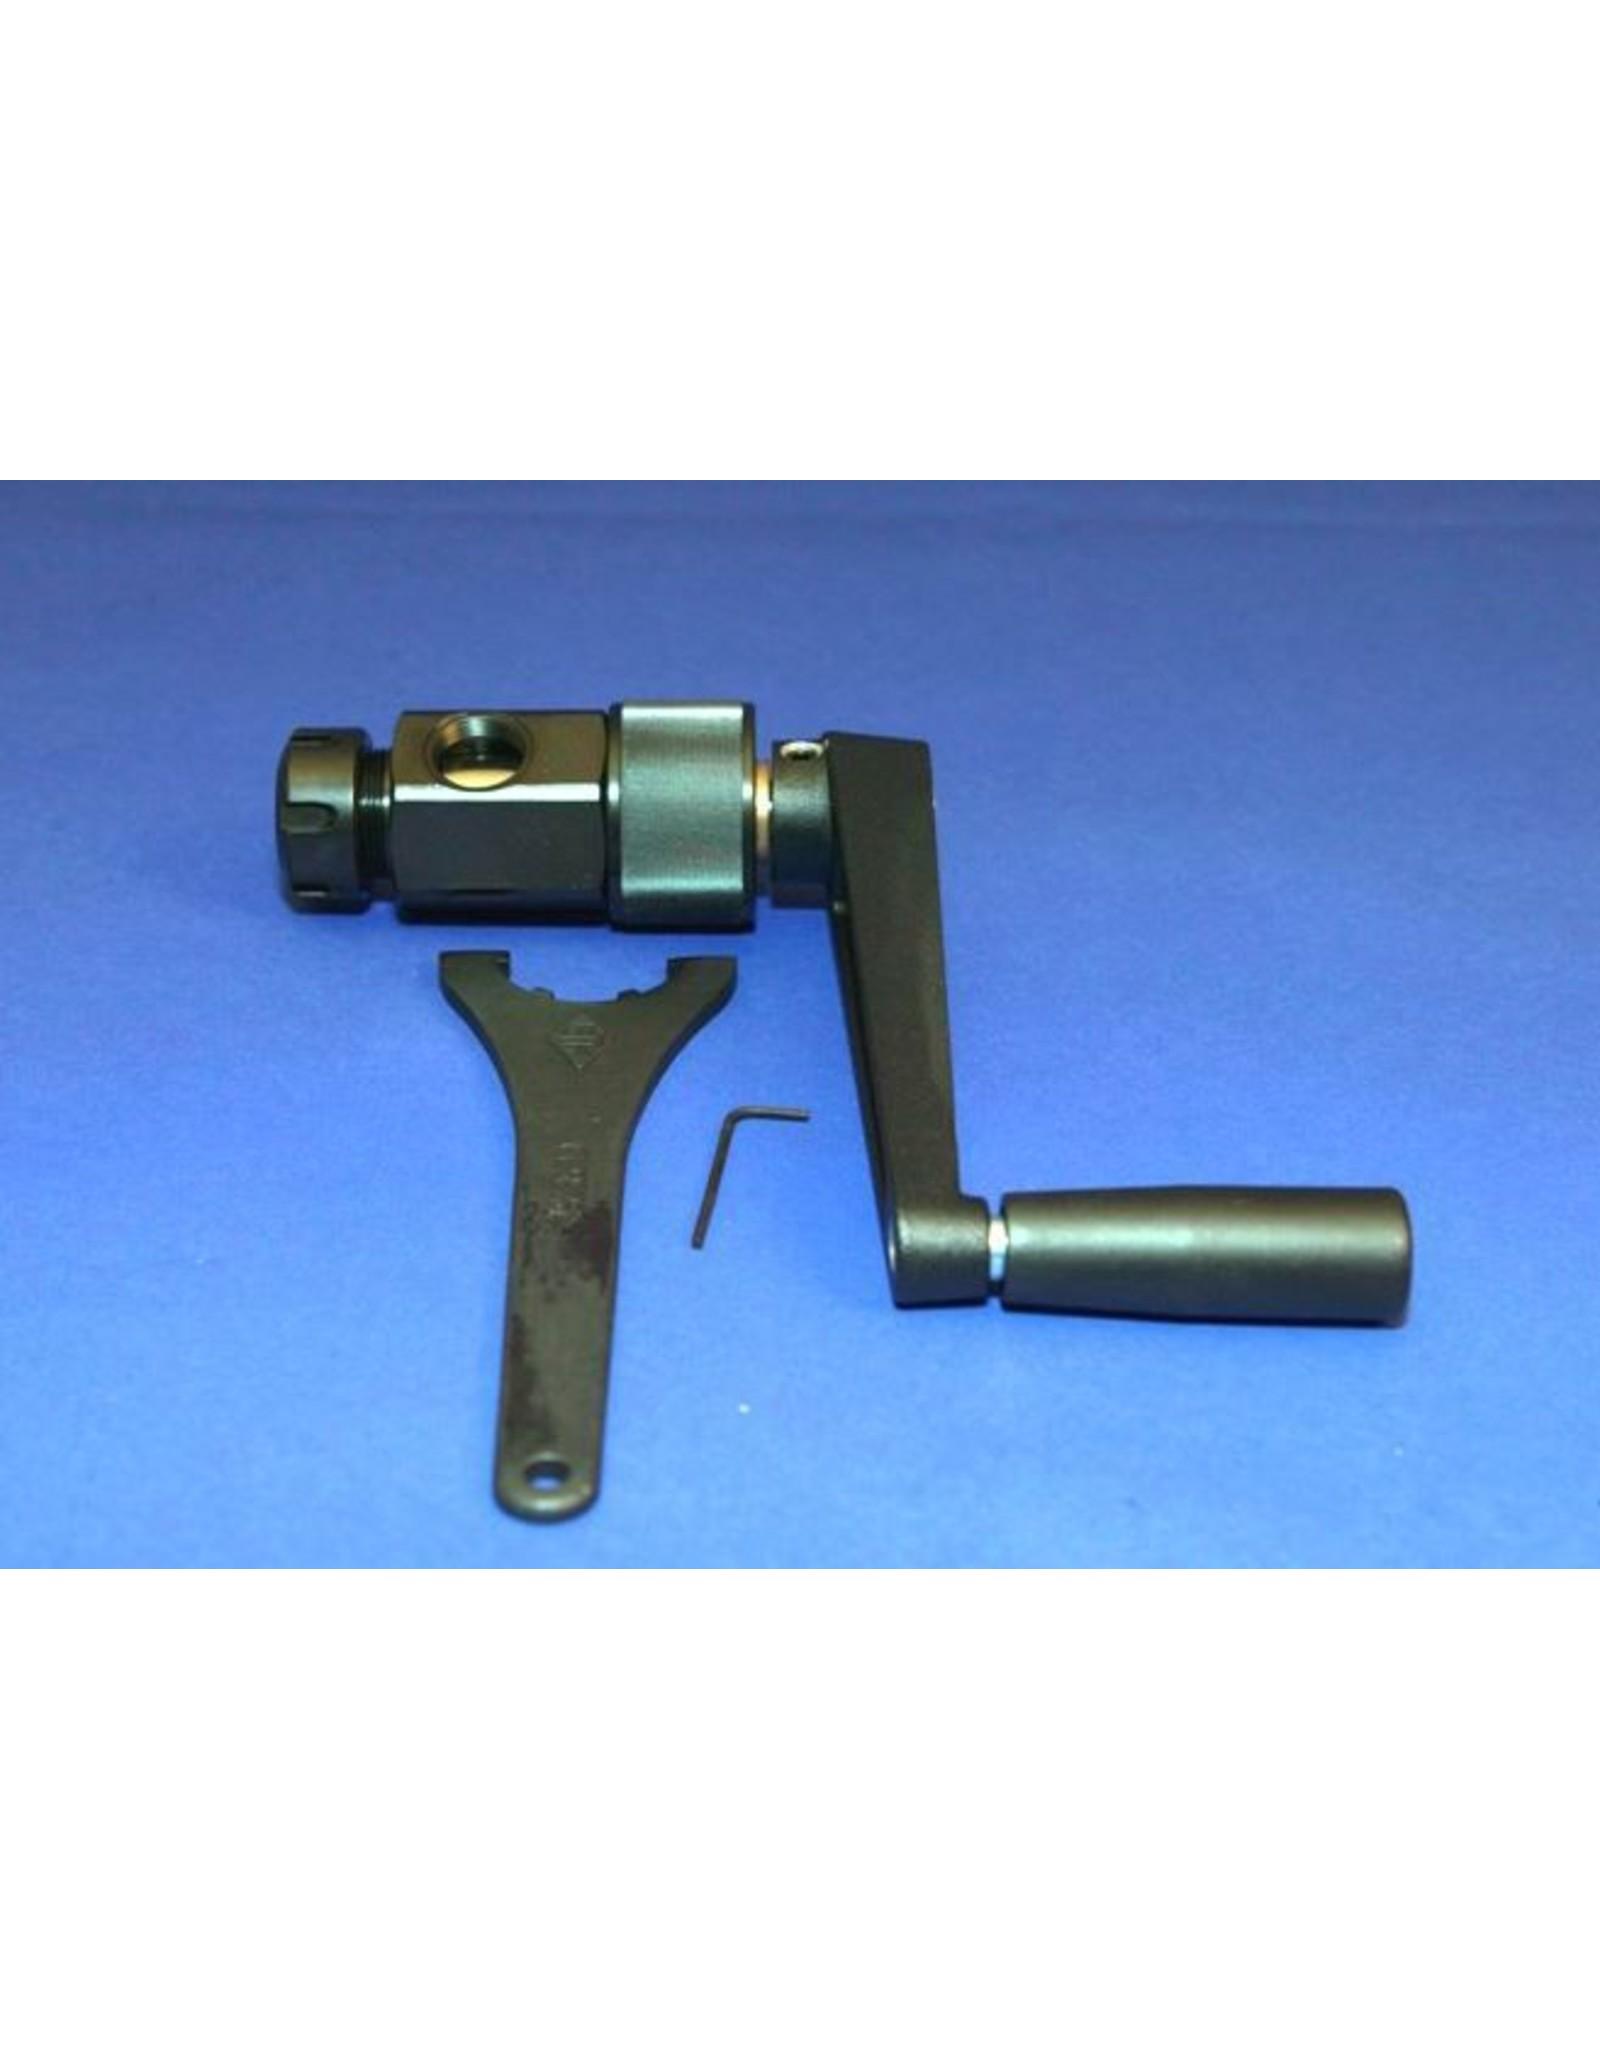 Autoclave Cone Cutting Set